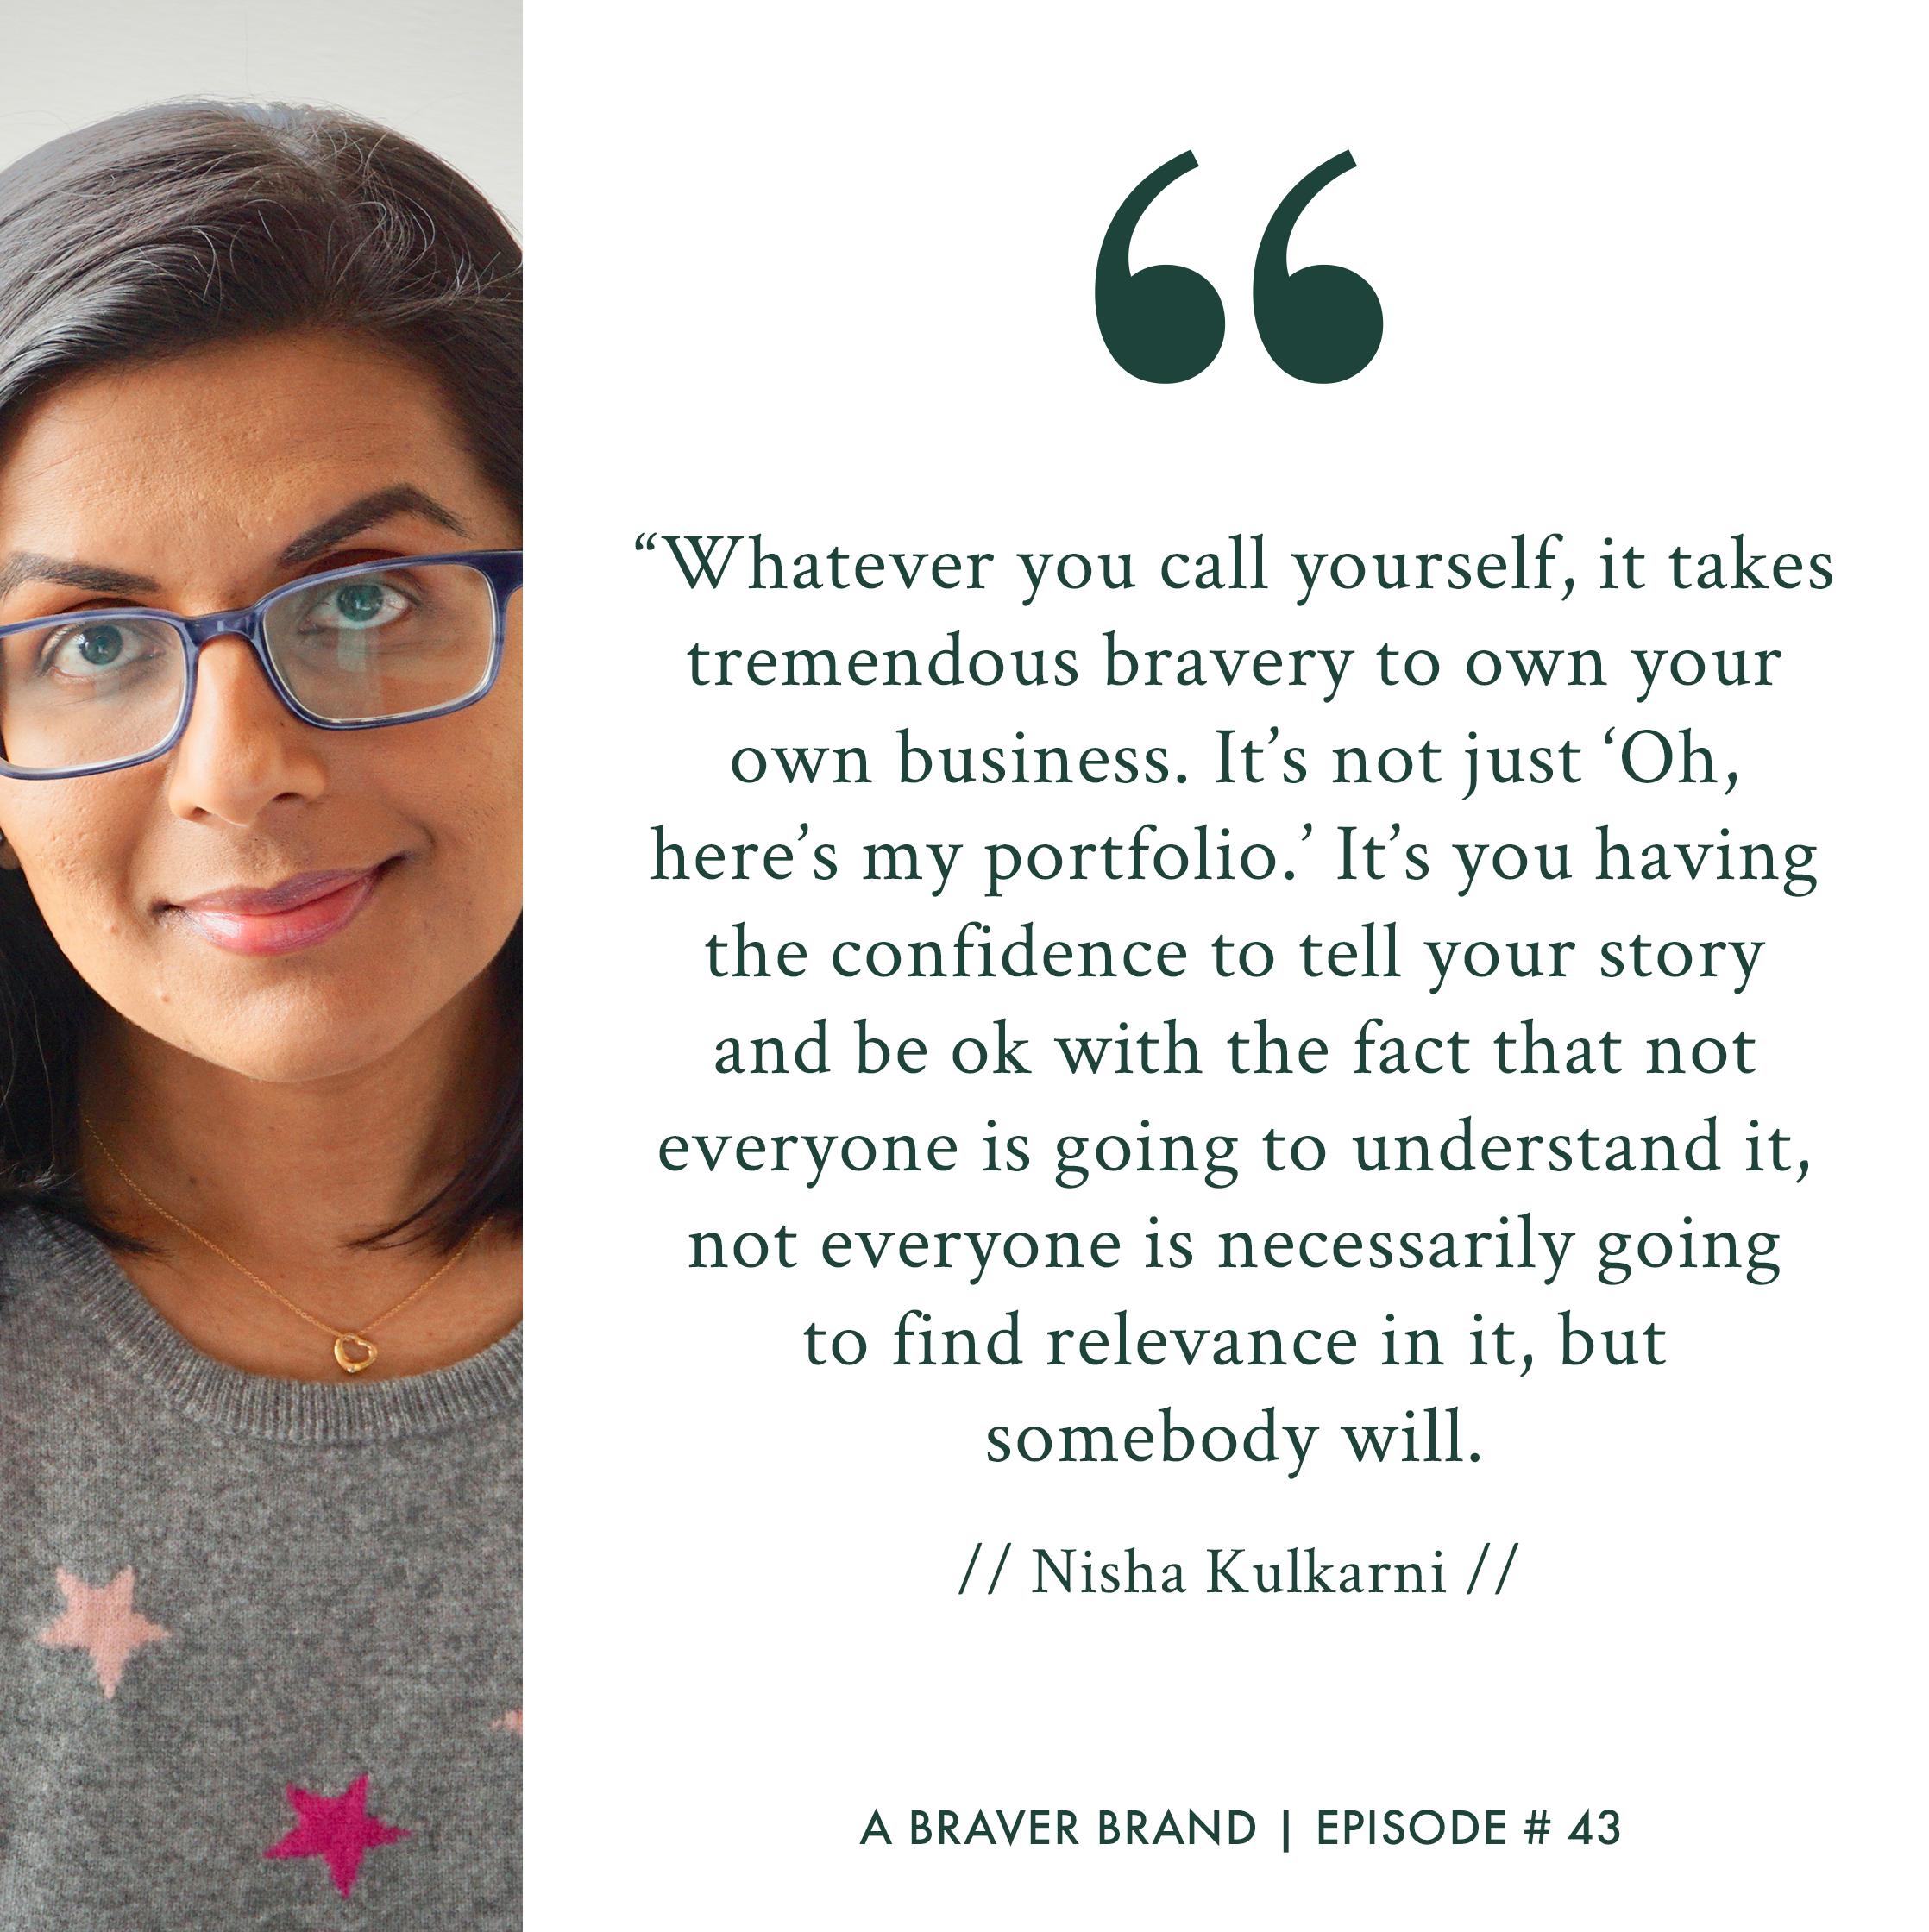 Nisha K. Kulkarni on A Braver Brand Podcast